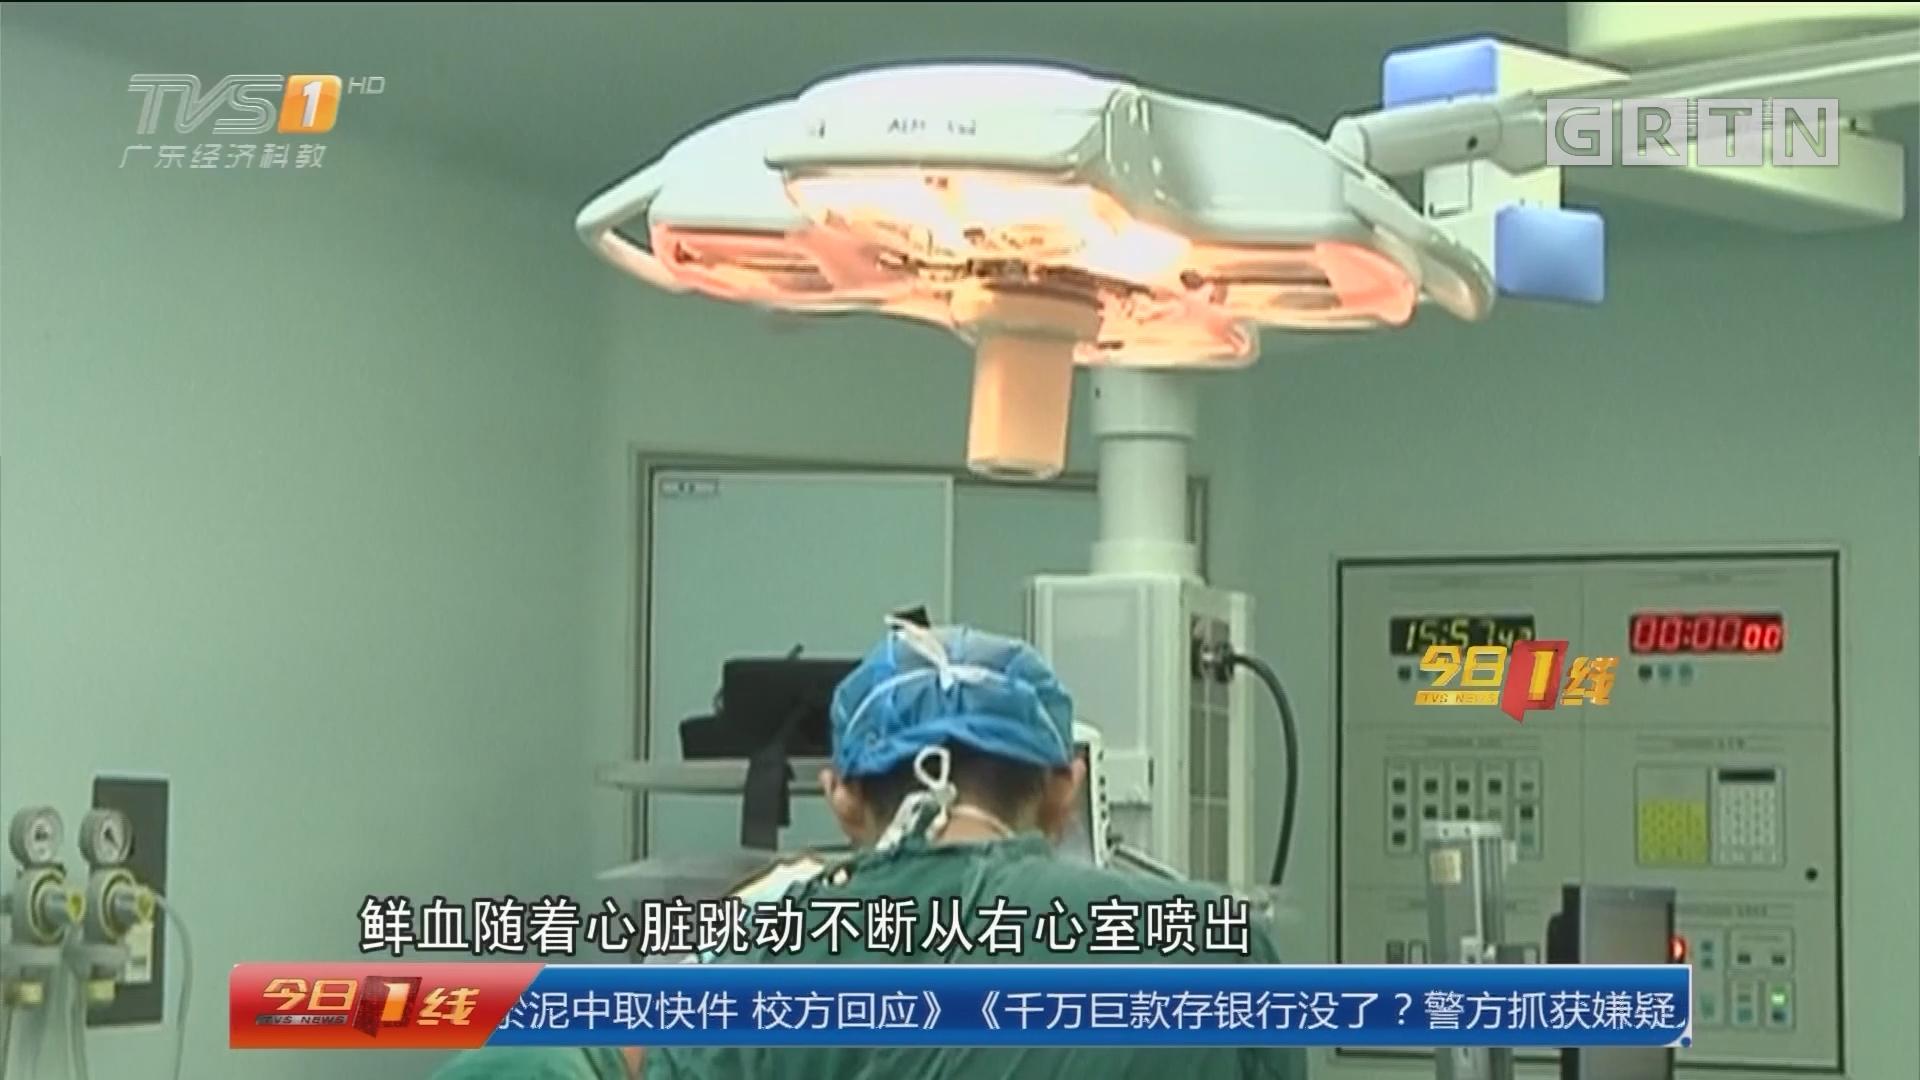 汕头:钢筋意外刺心 3小时手术救人